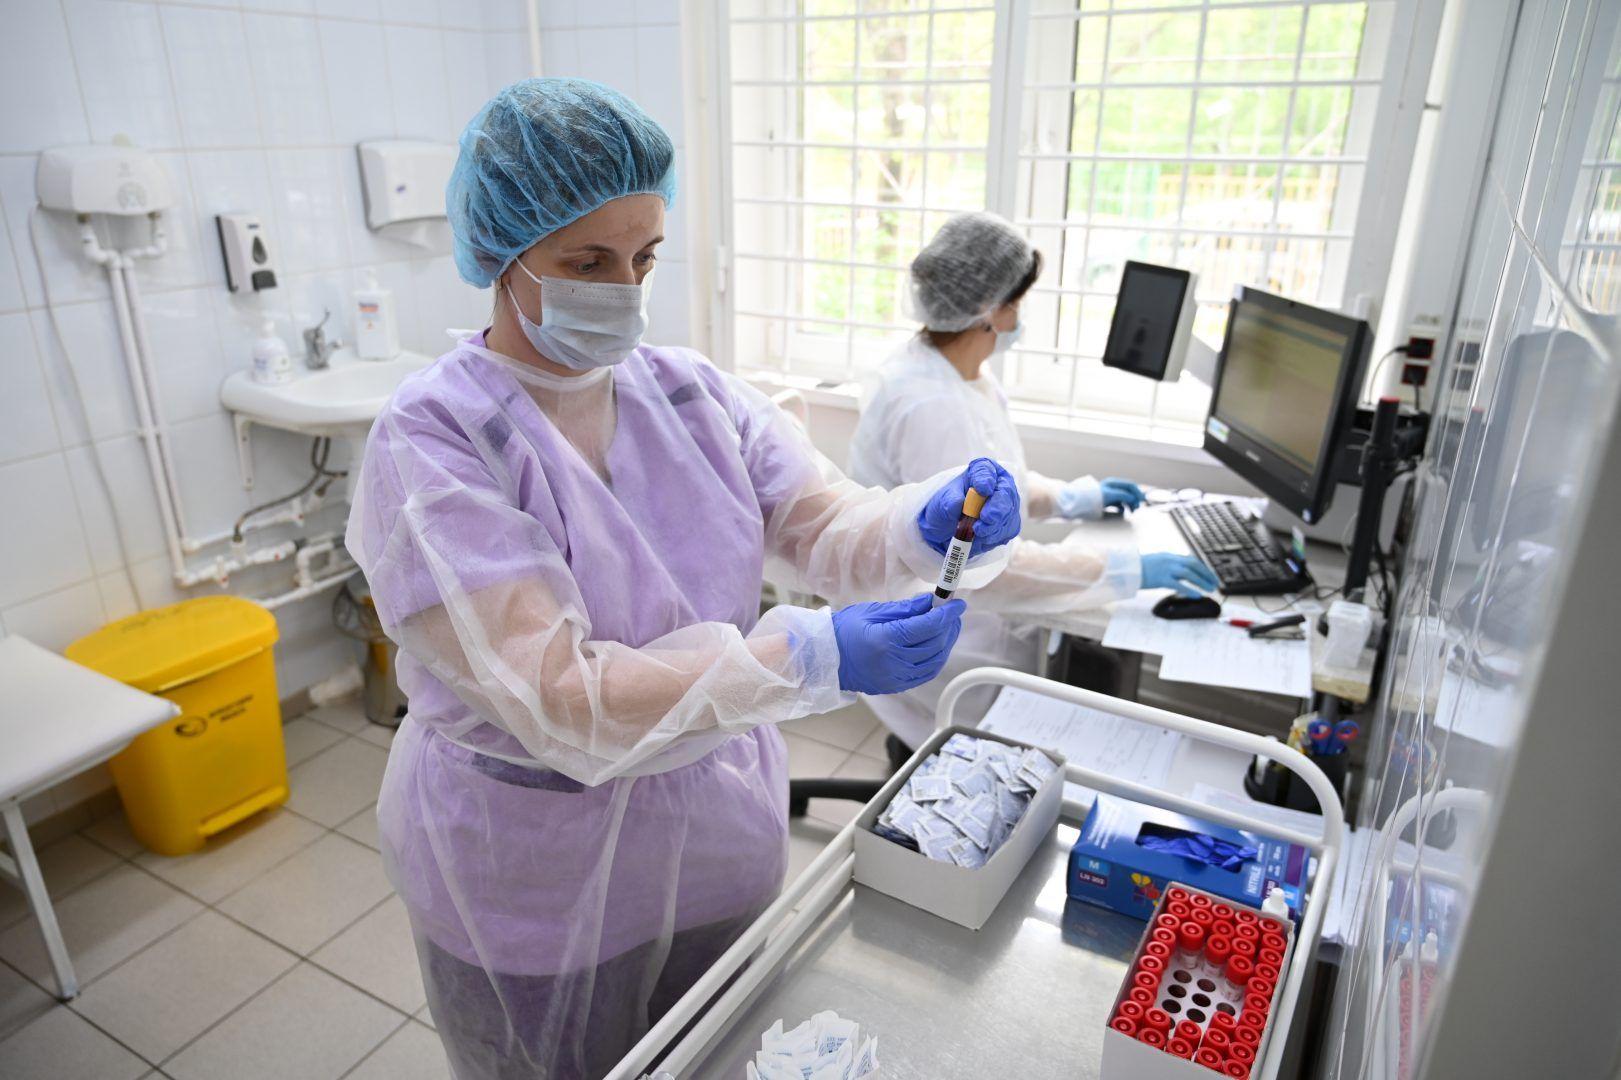 За последние сутки в больницу госпитализировали 13 человек. Фото: Алексей Орлов, «Вечерняя Москва»